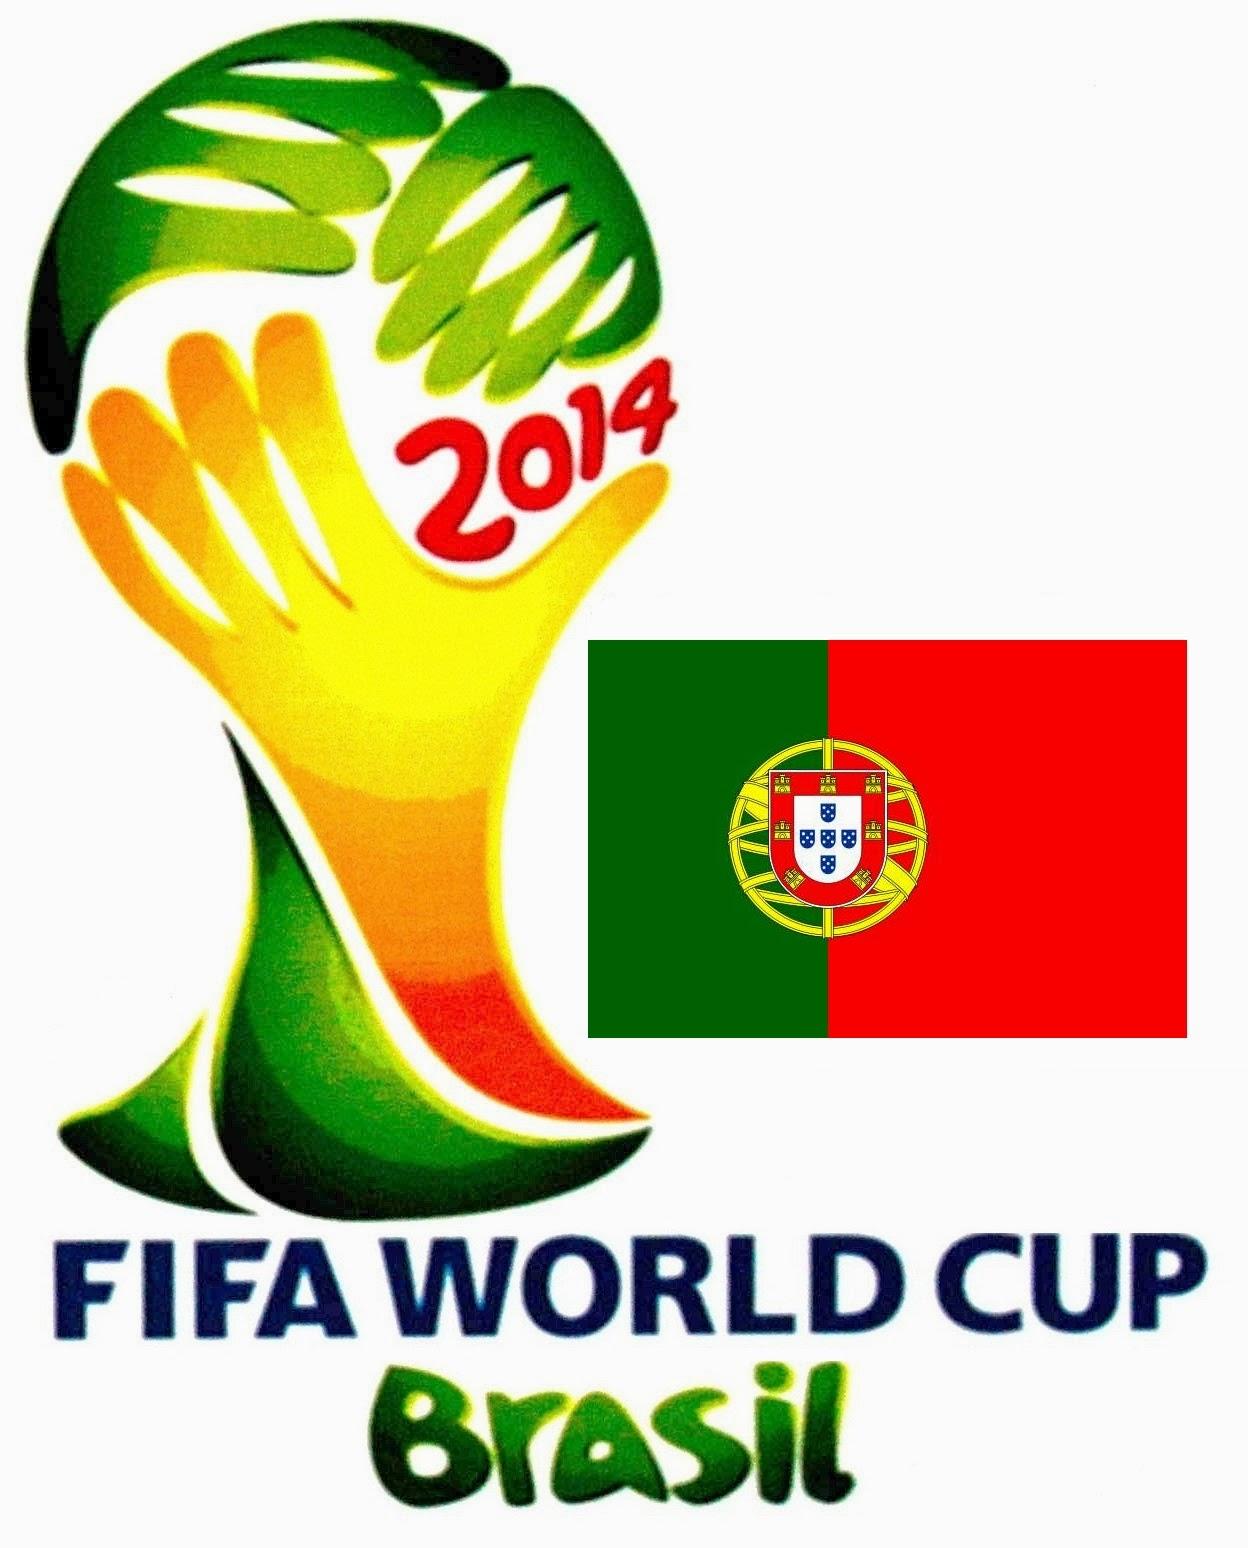 Daftar Pemain Timnas Protugal Piala Dunia 2014